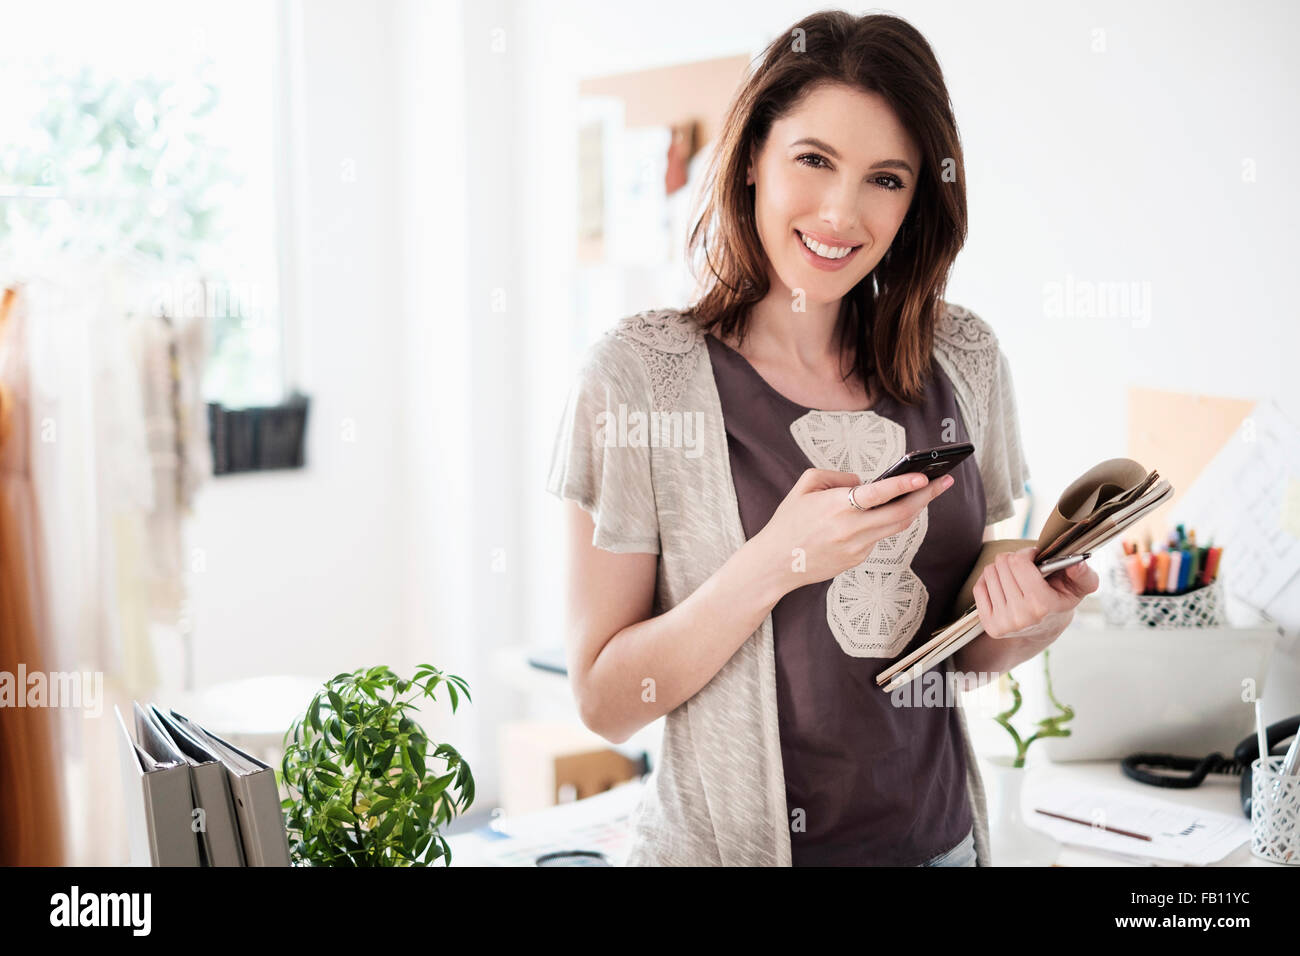 Young woman looking at camera - Stock Image